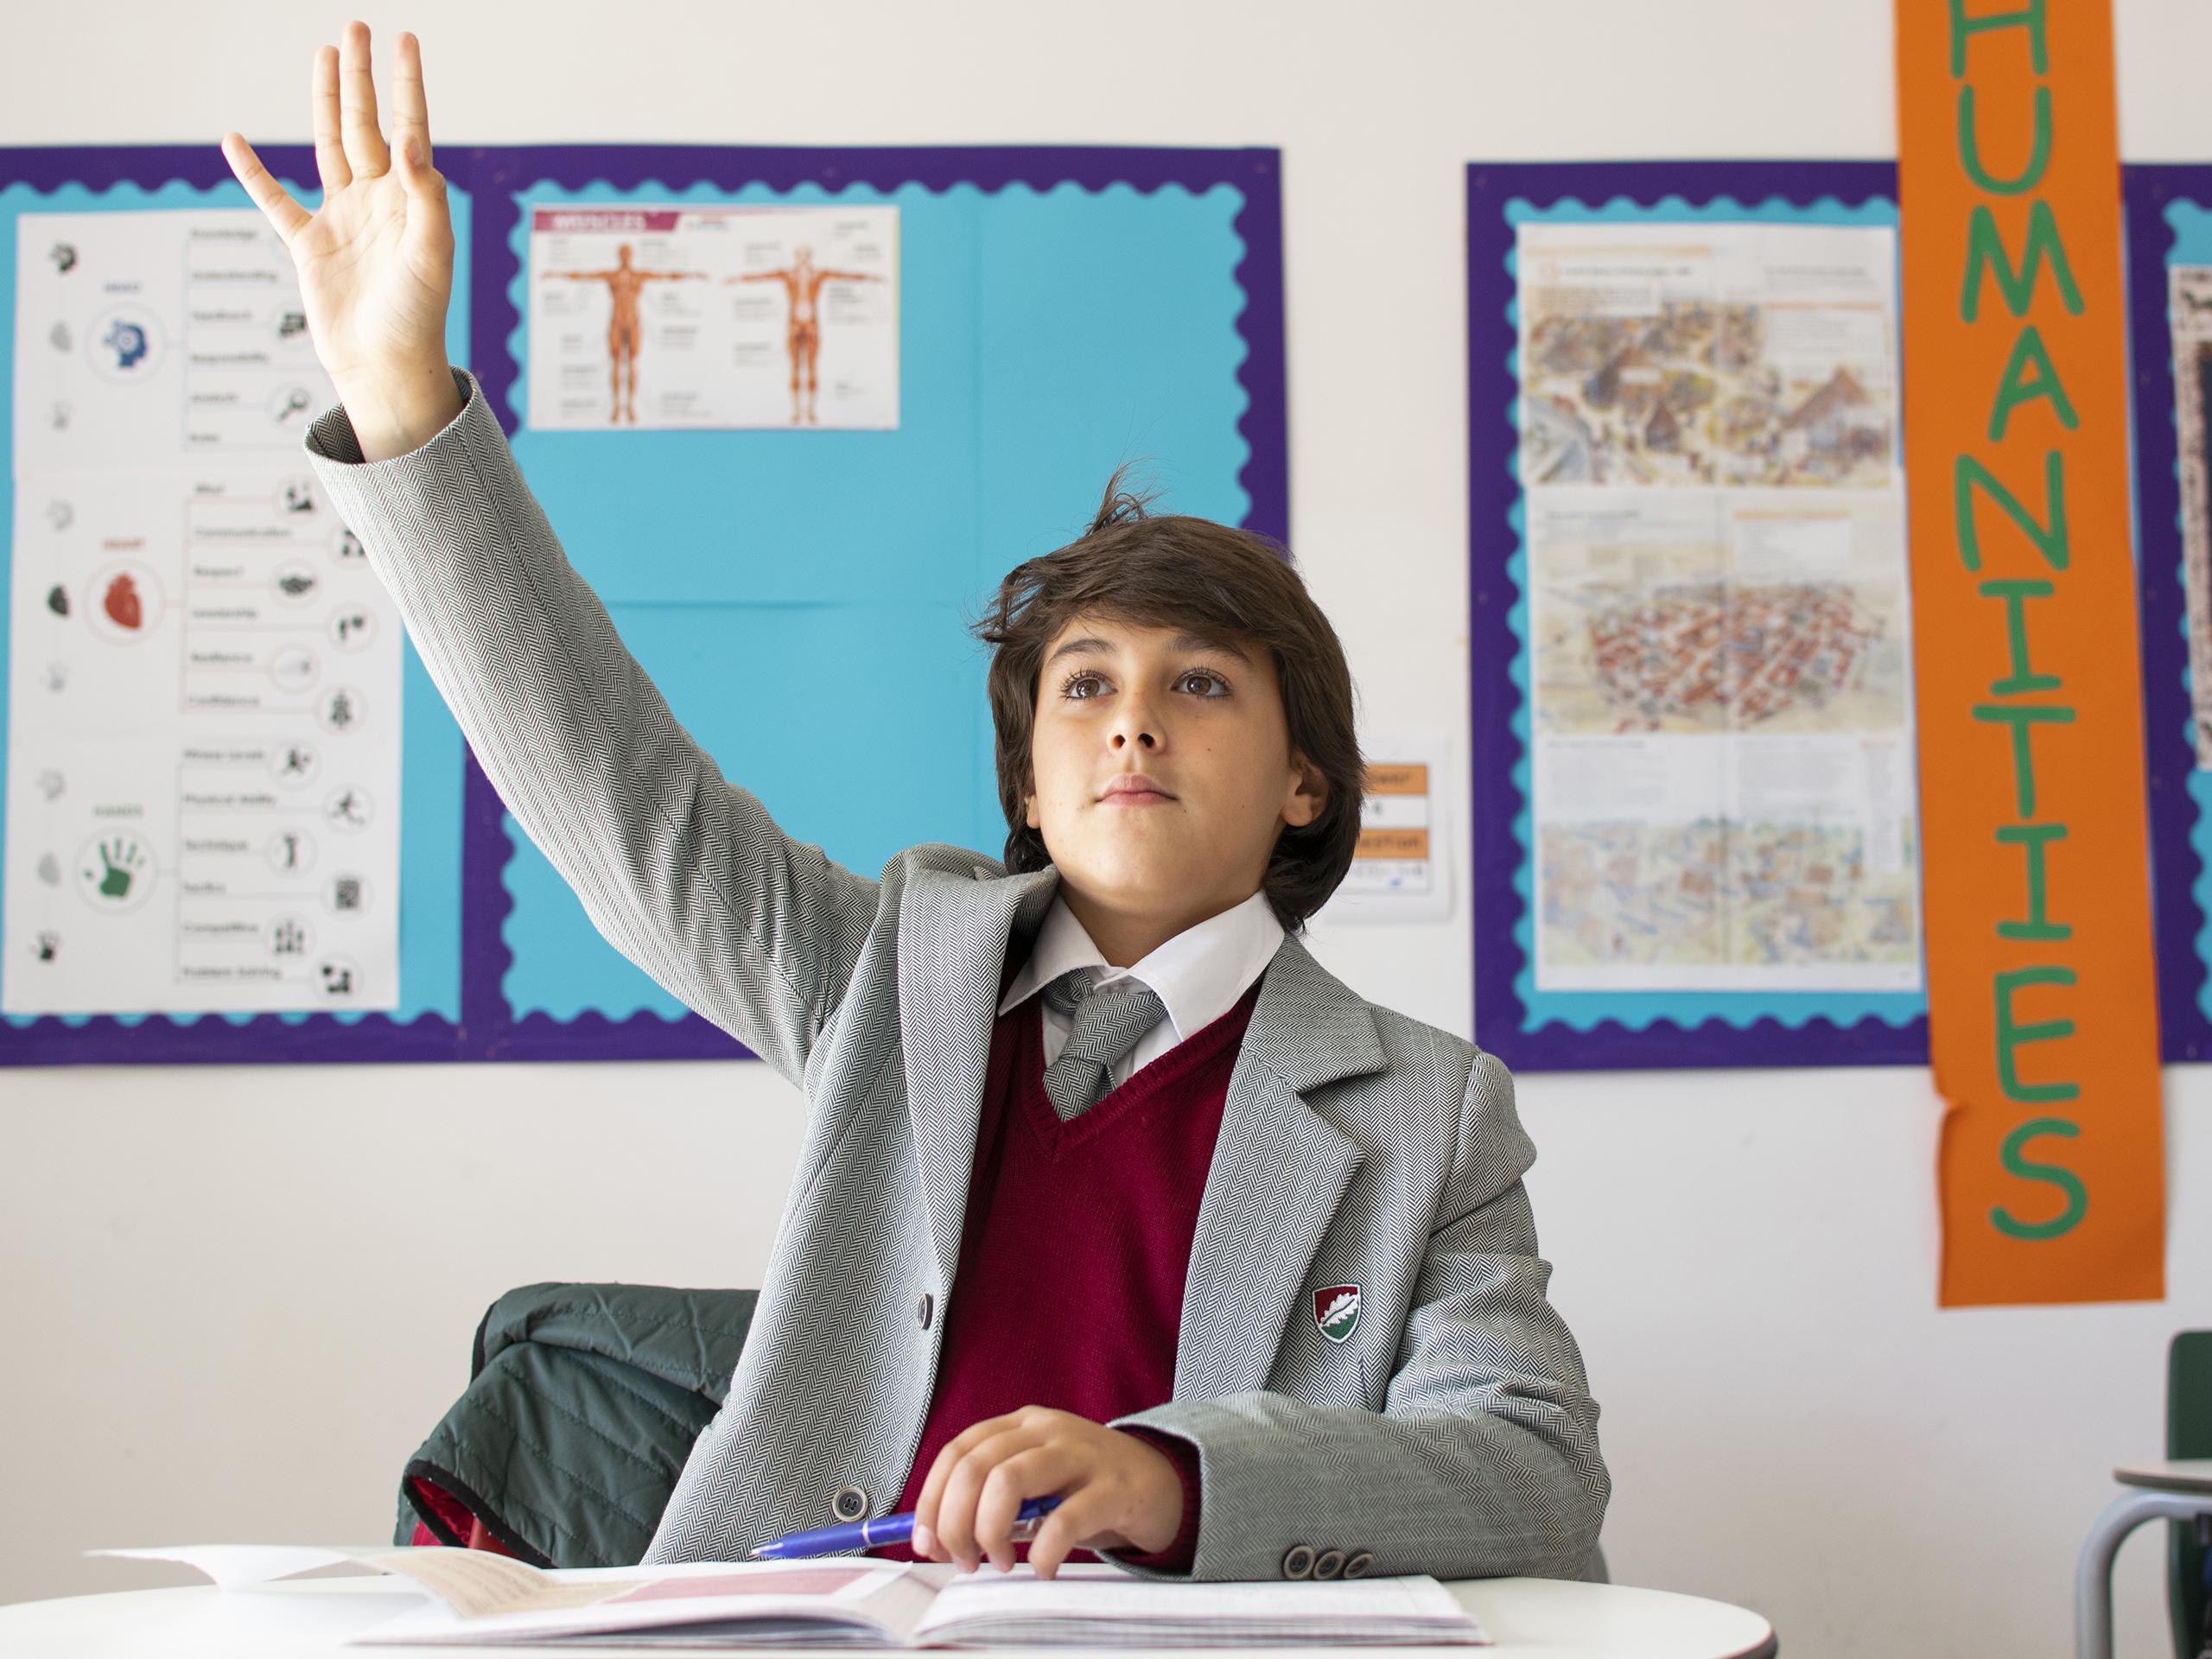 primaria-secundaria-dallington-school-4